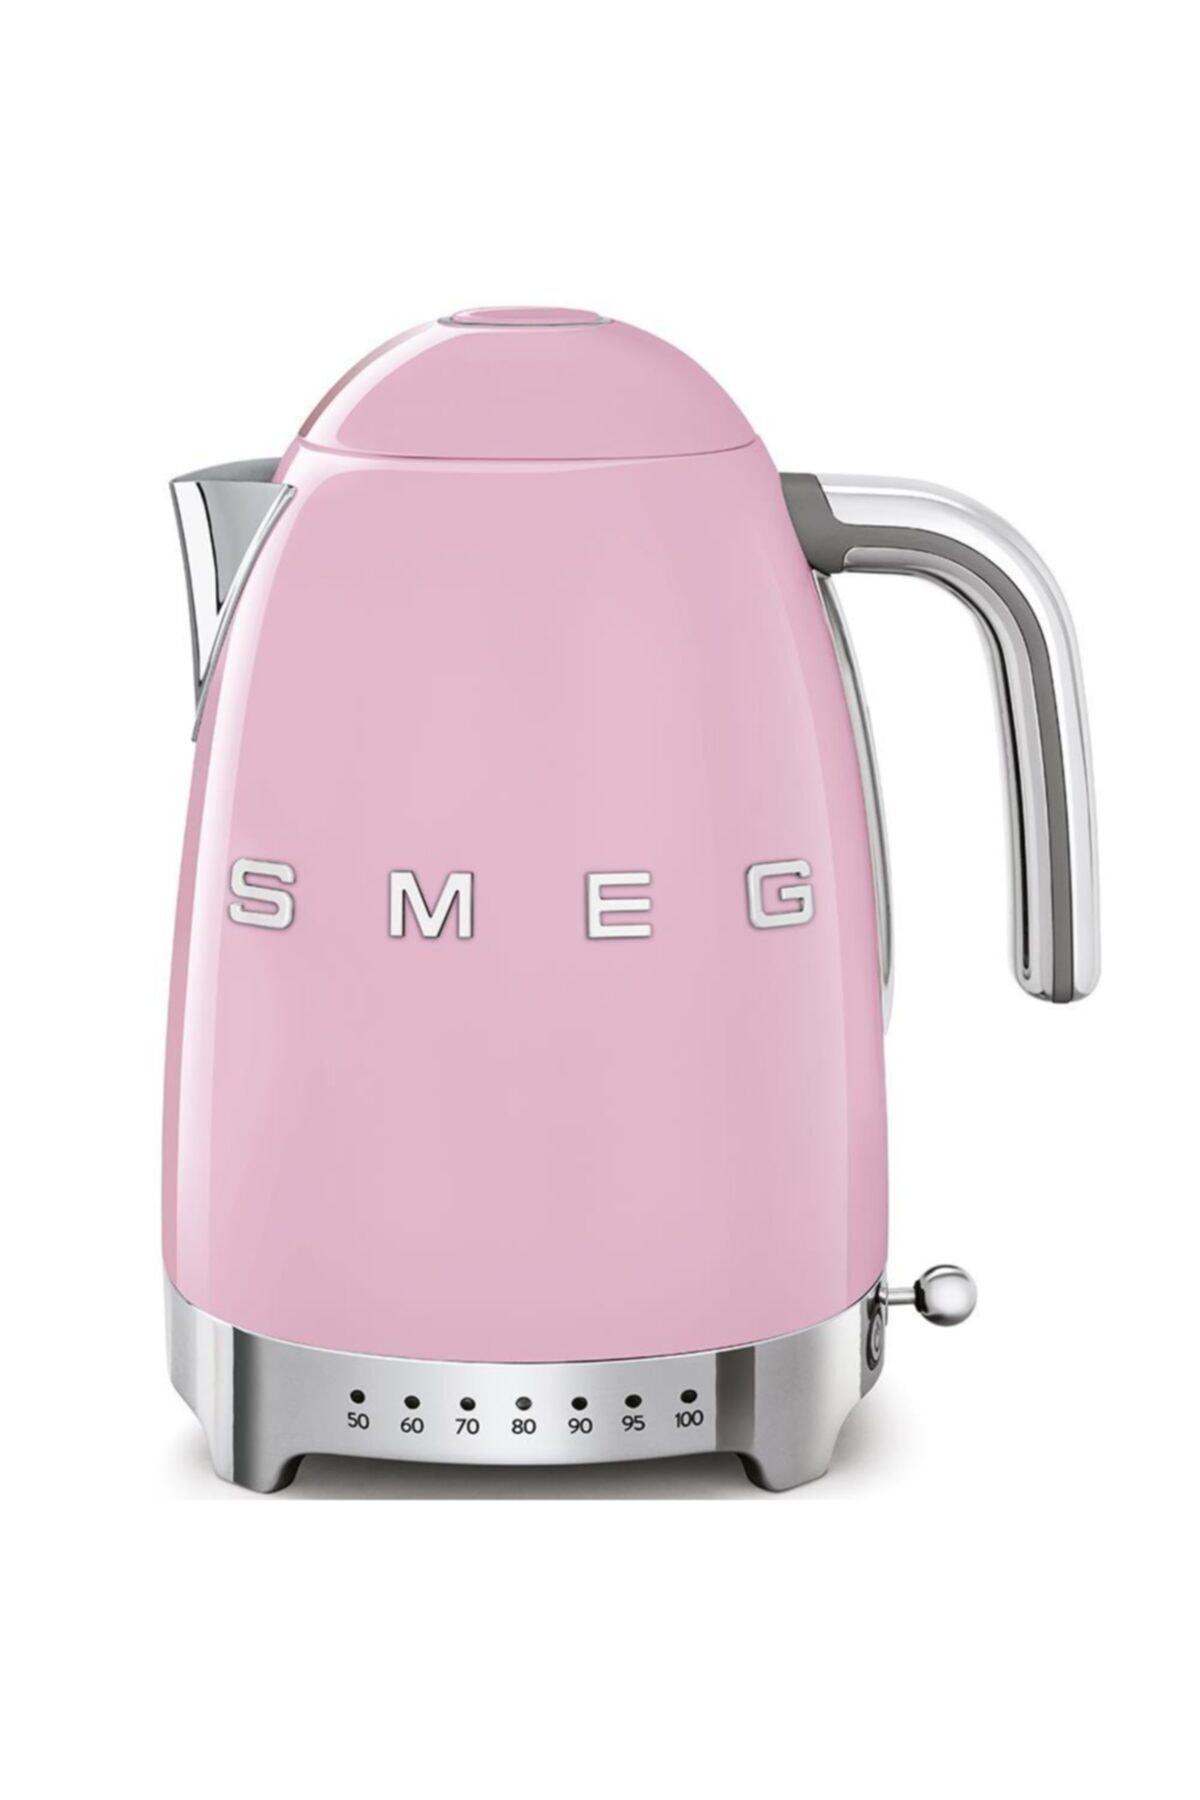 SMEG Isı Ayarlı Otomatik Sistem 50's Style Pembe Renk Su Isıtıcı Kettle Klf04pkeu 1